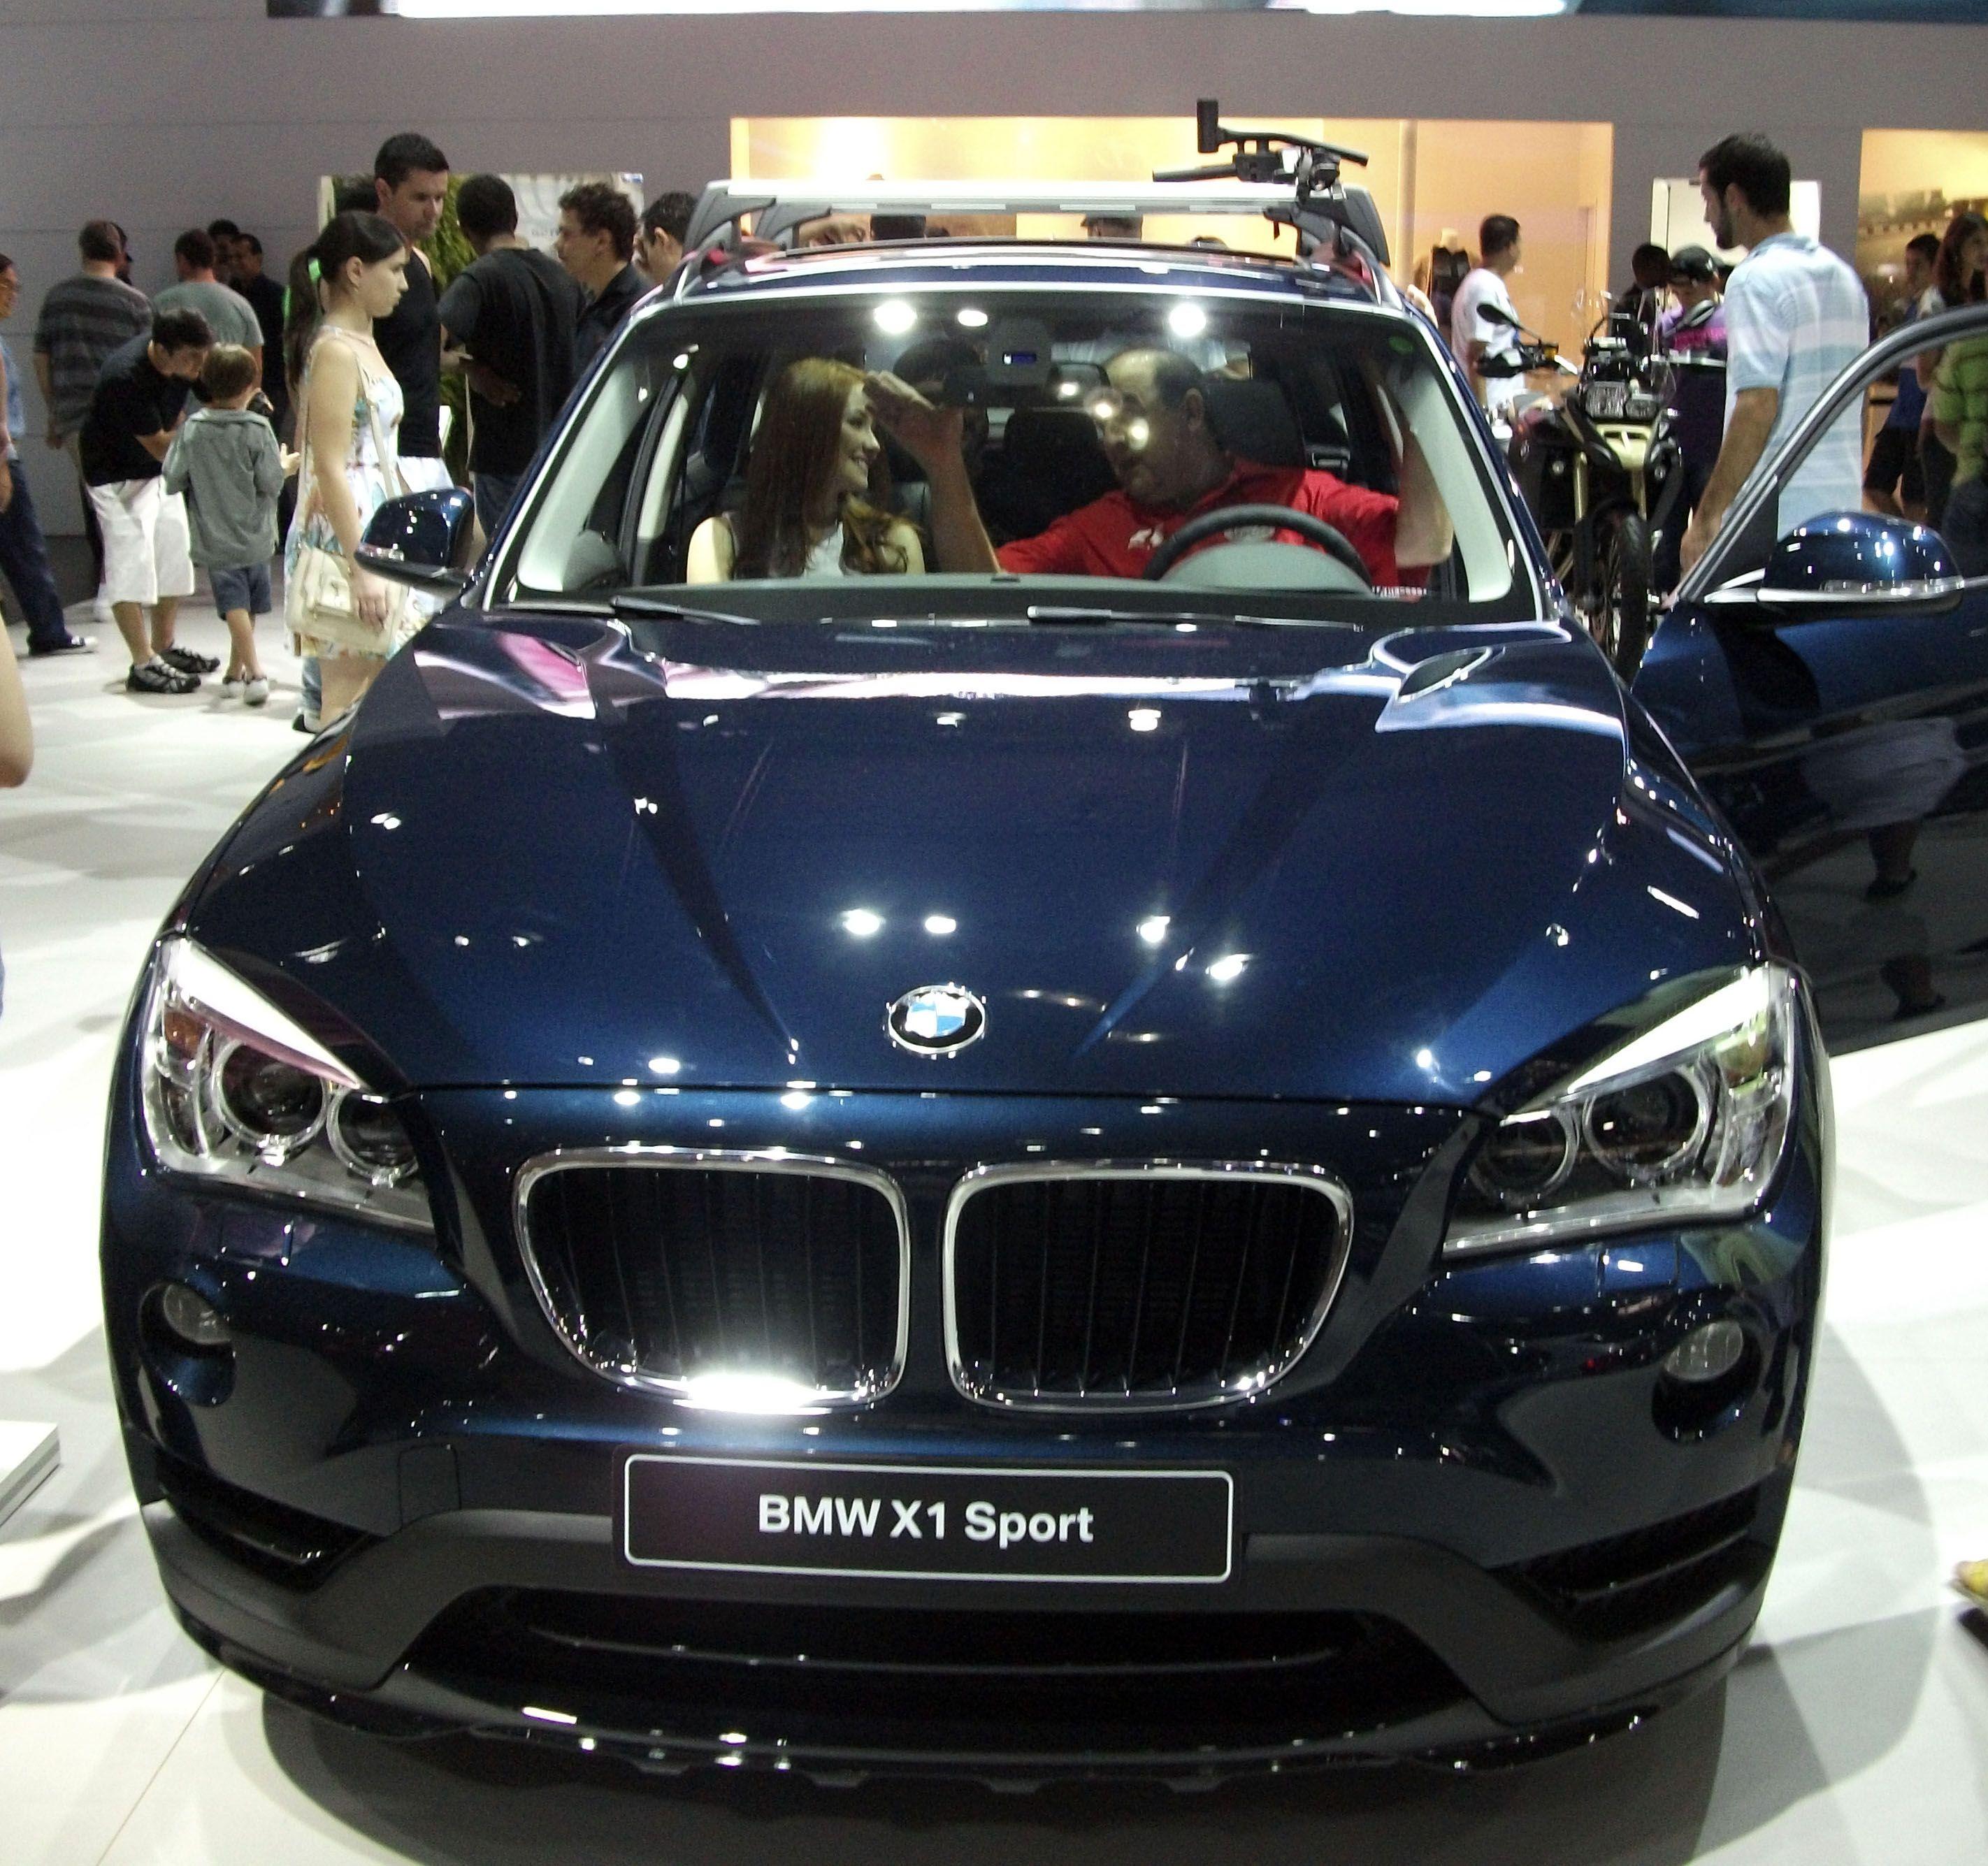 BMW X1 Sport Bmw, Bmw car, Sports